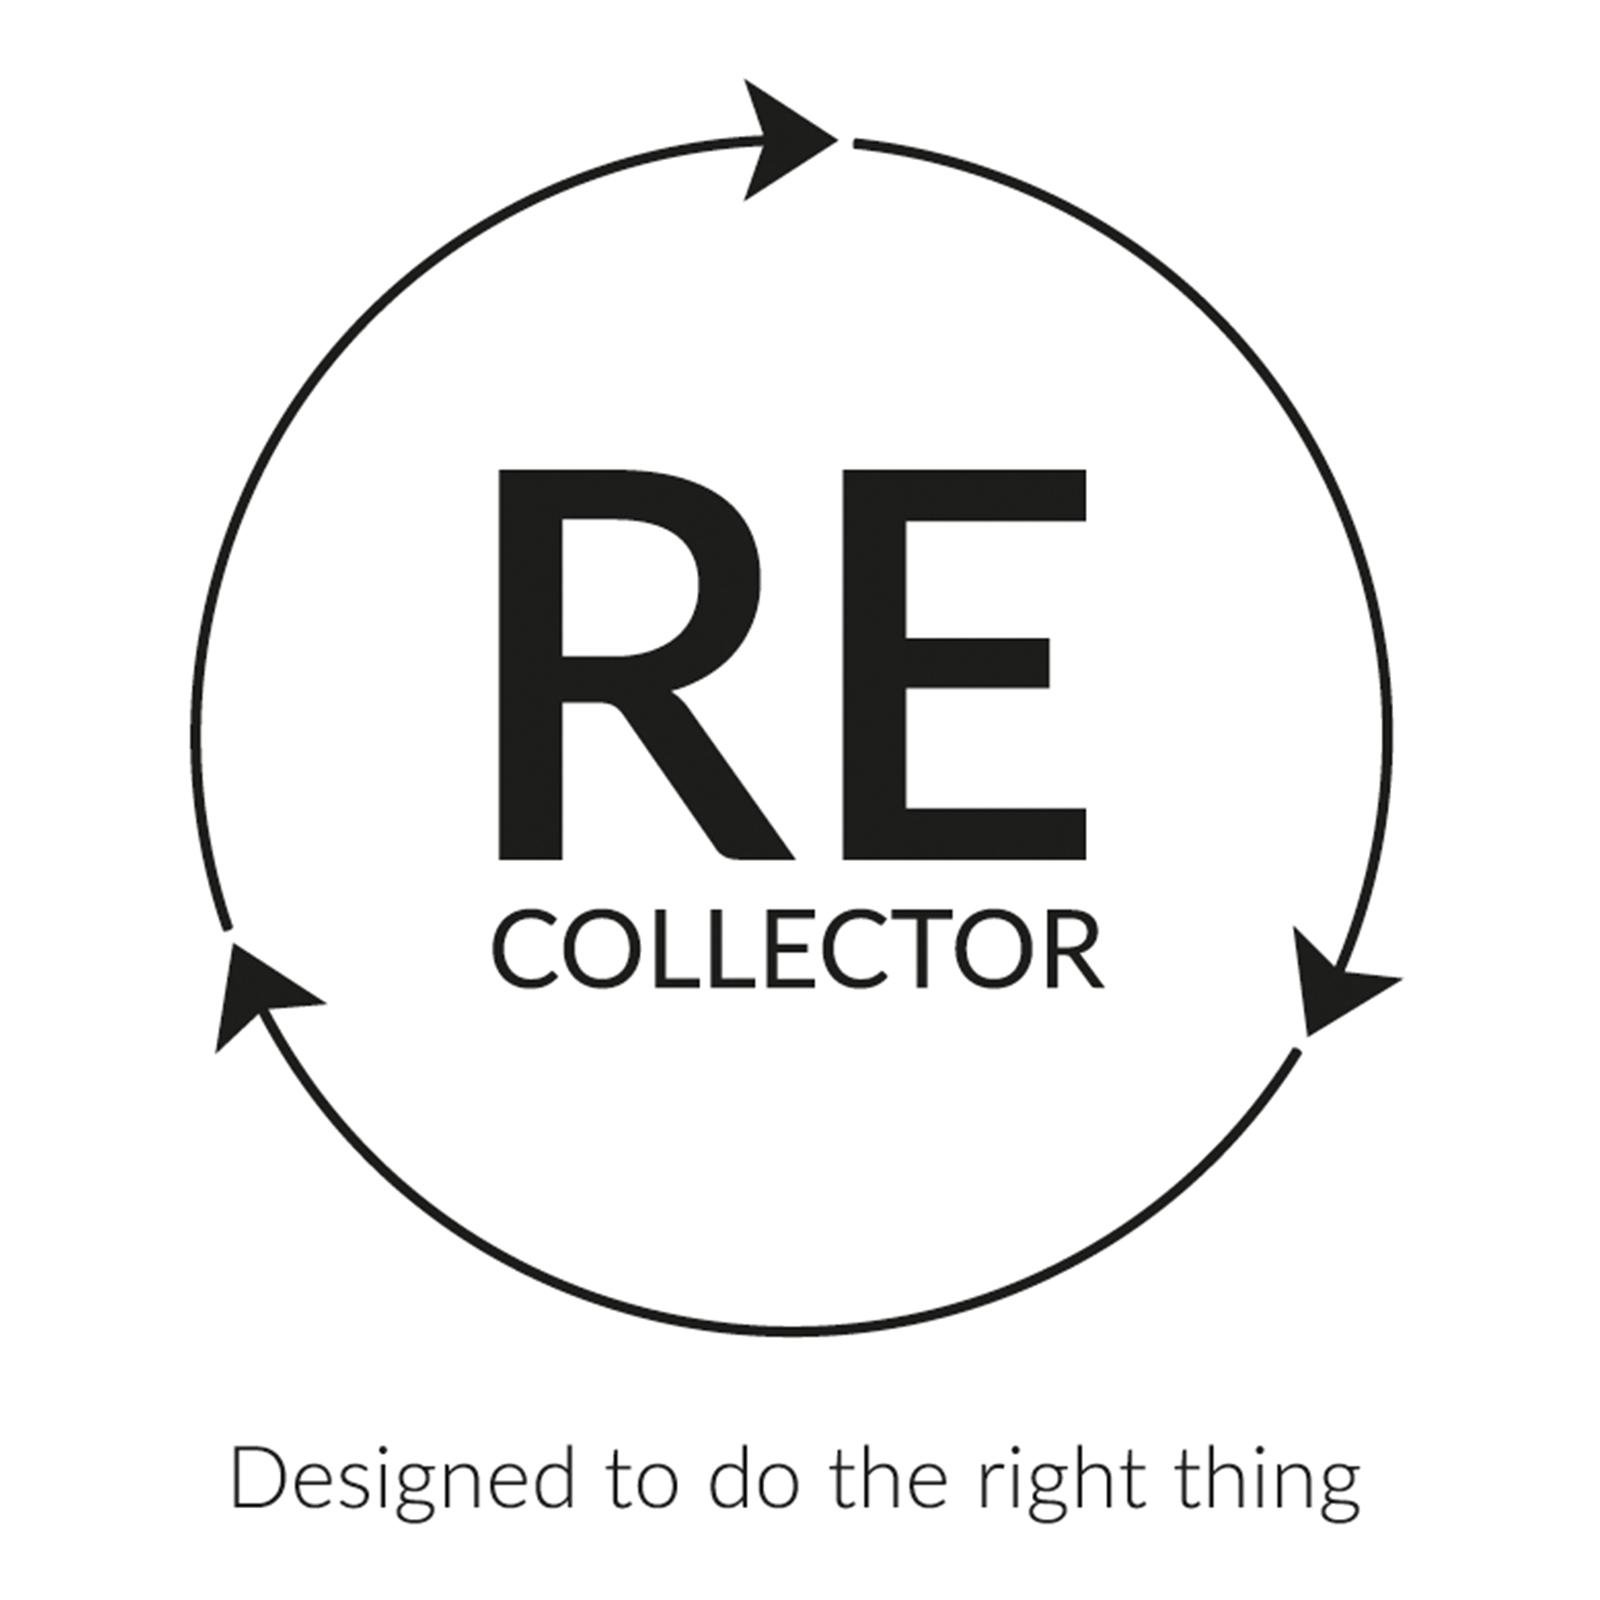 Recollector - logo